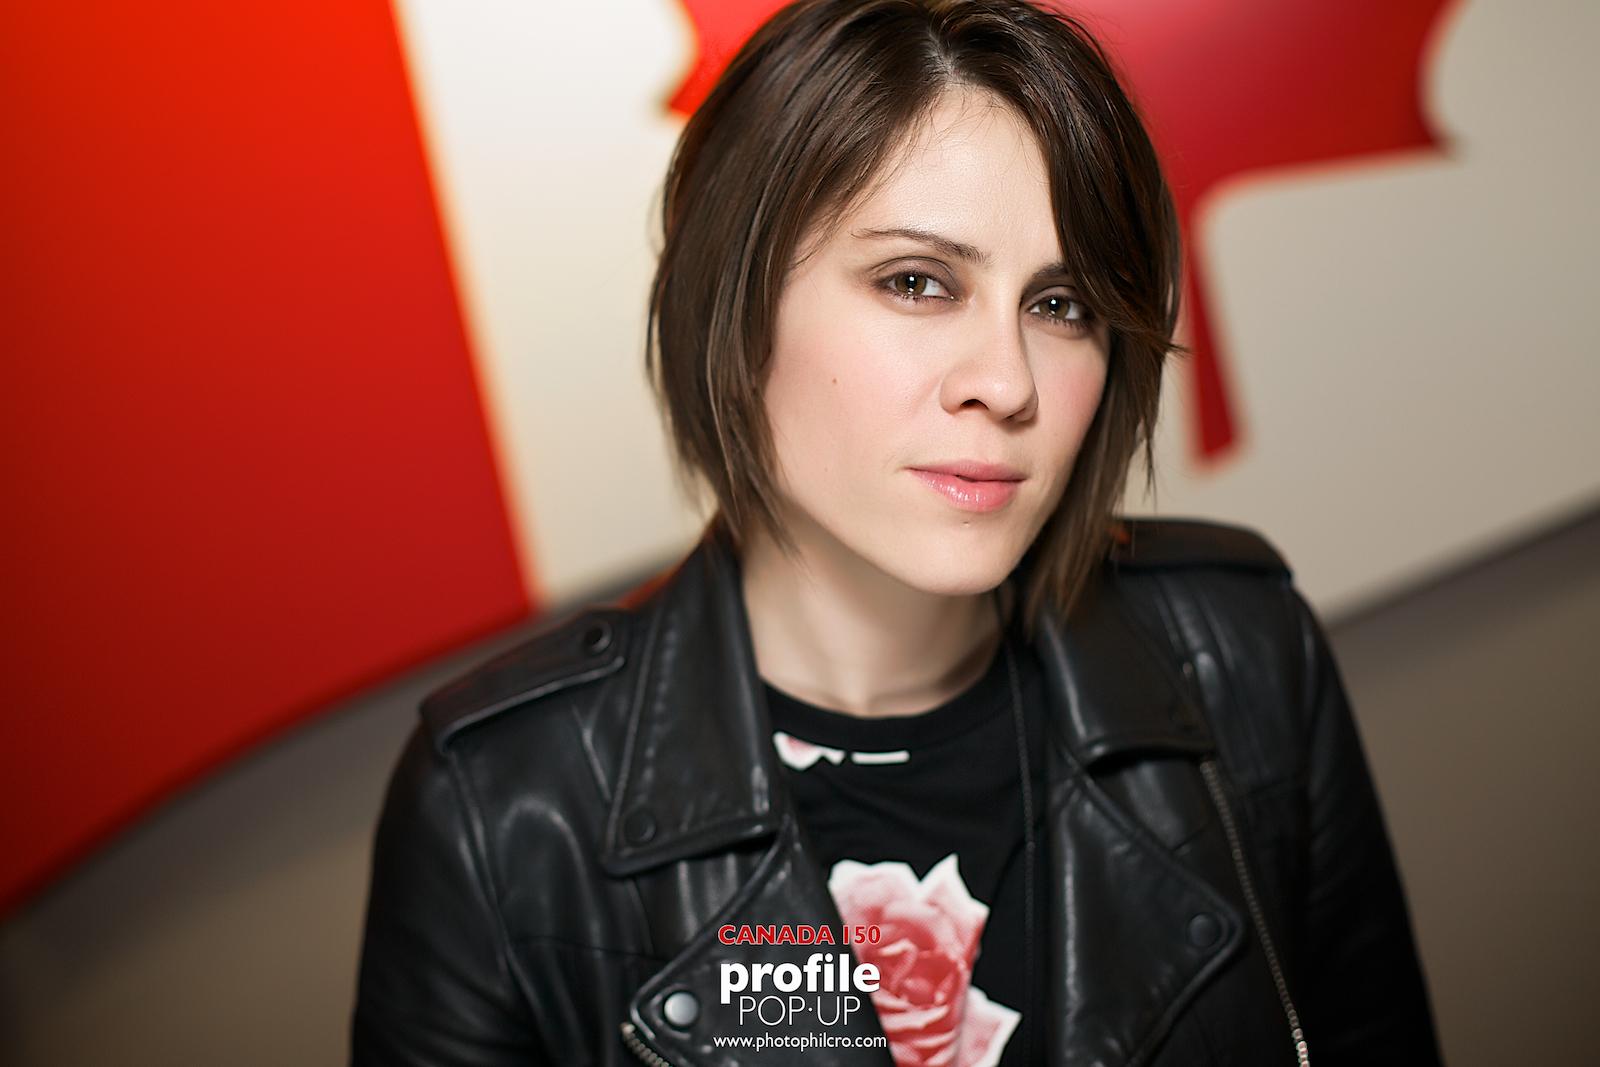 ProfilePopup_Canada150_Facebook 184.jpg